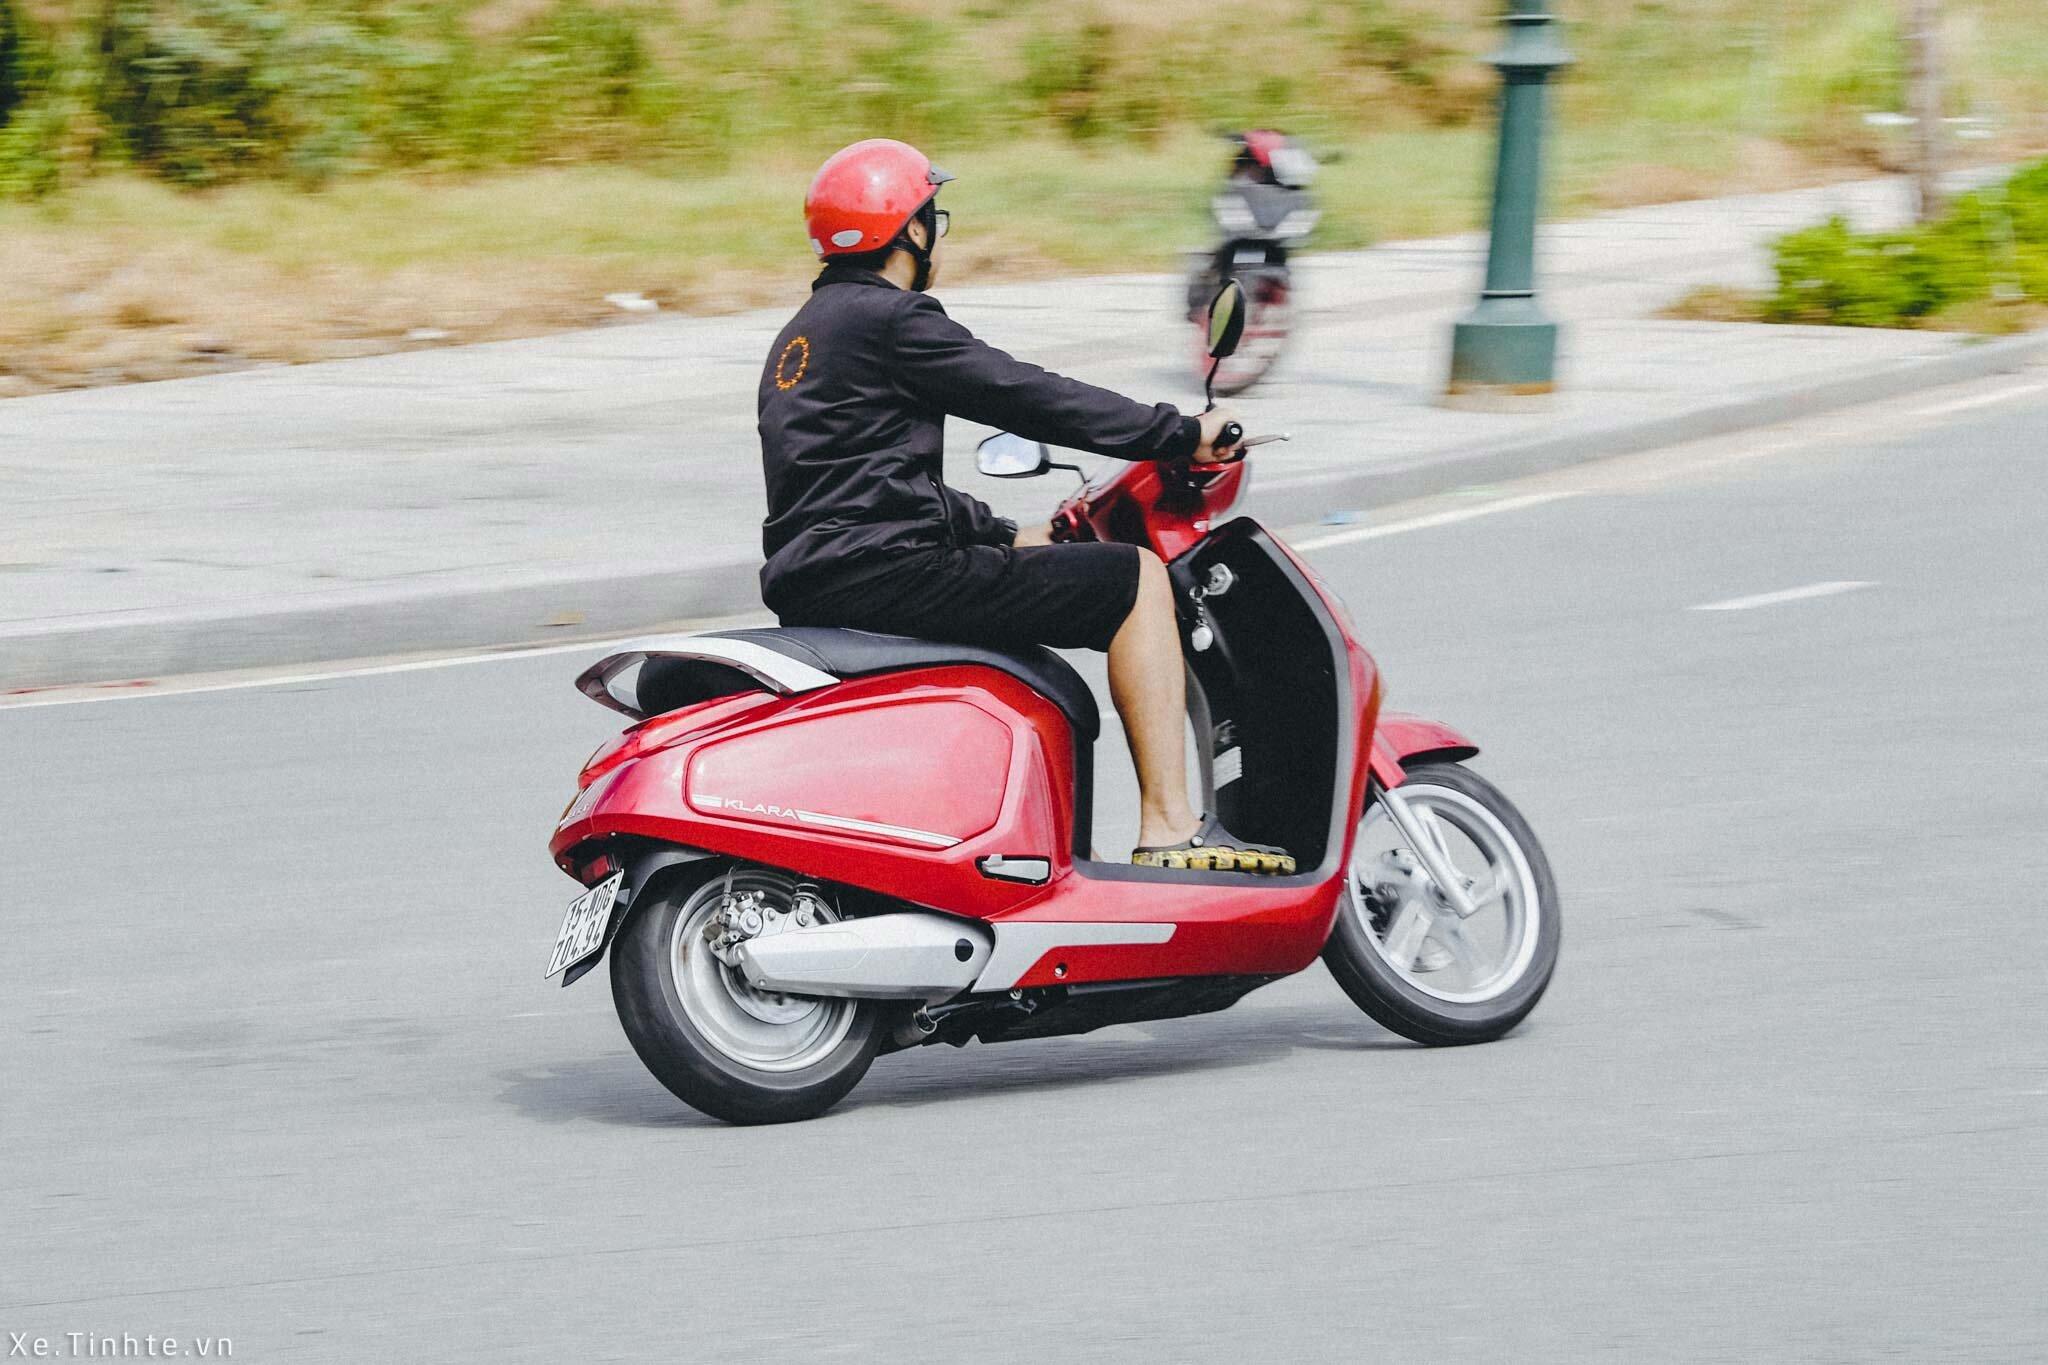 Đội mũ bảo hiểm để đảm bảo an toàn khi đi xe máy điện